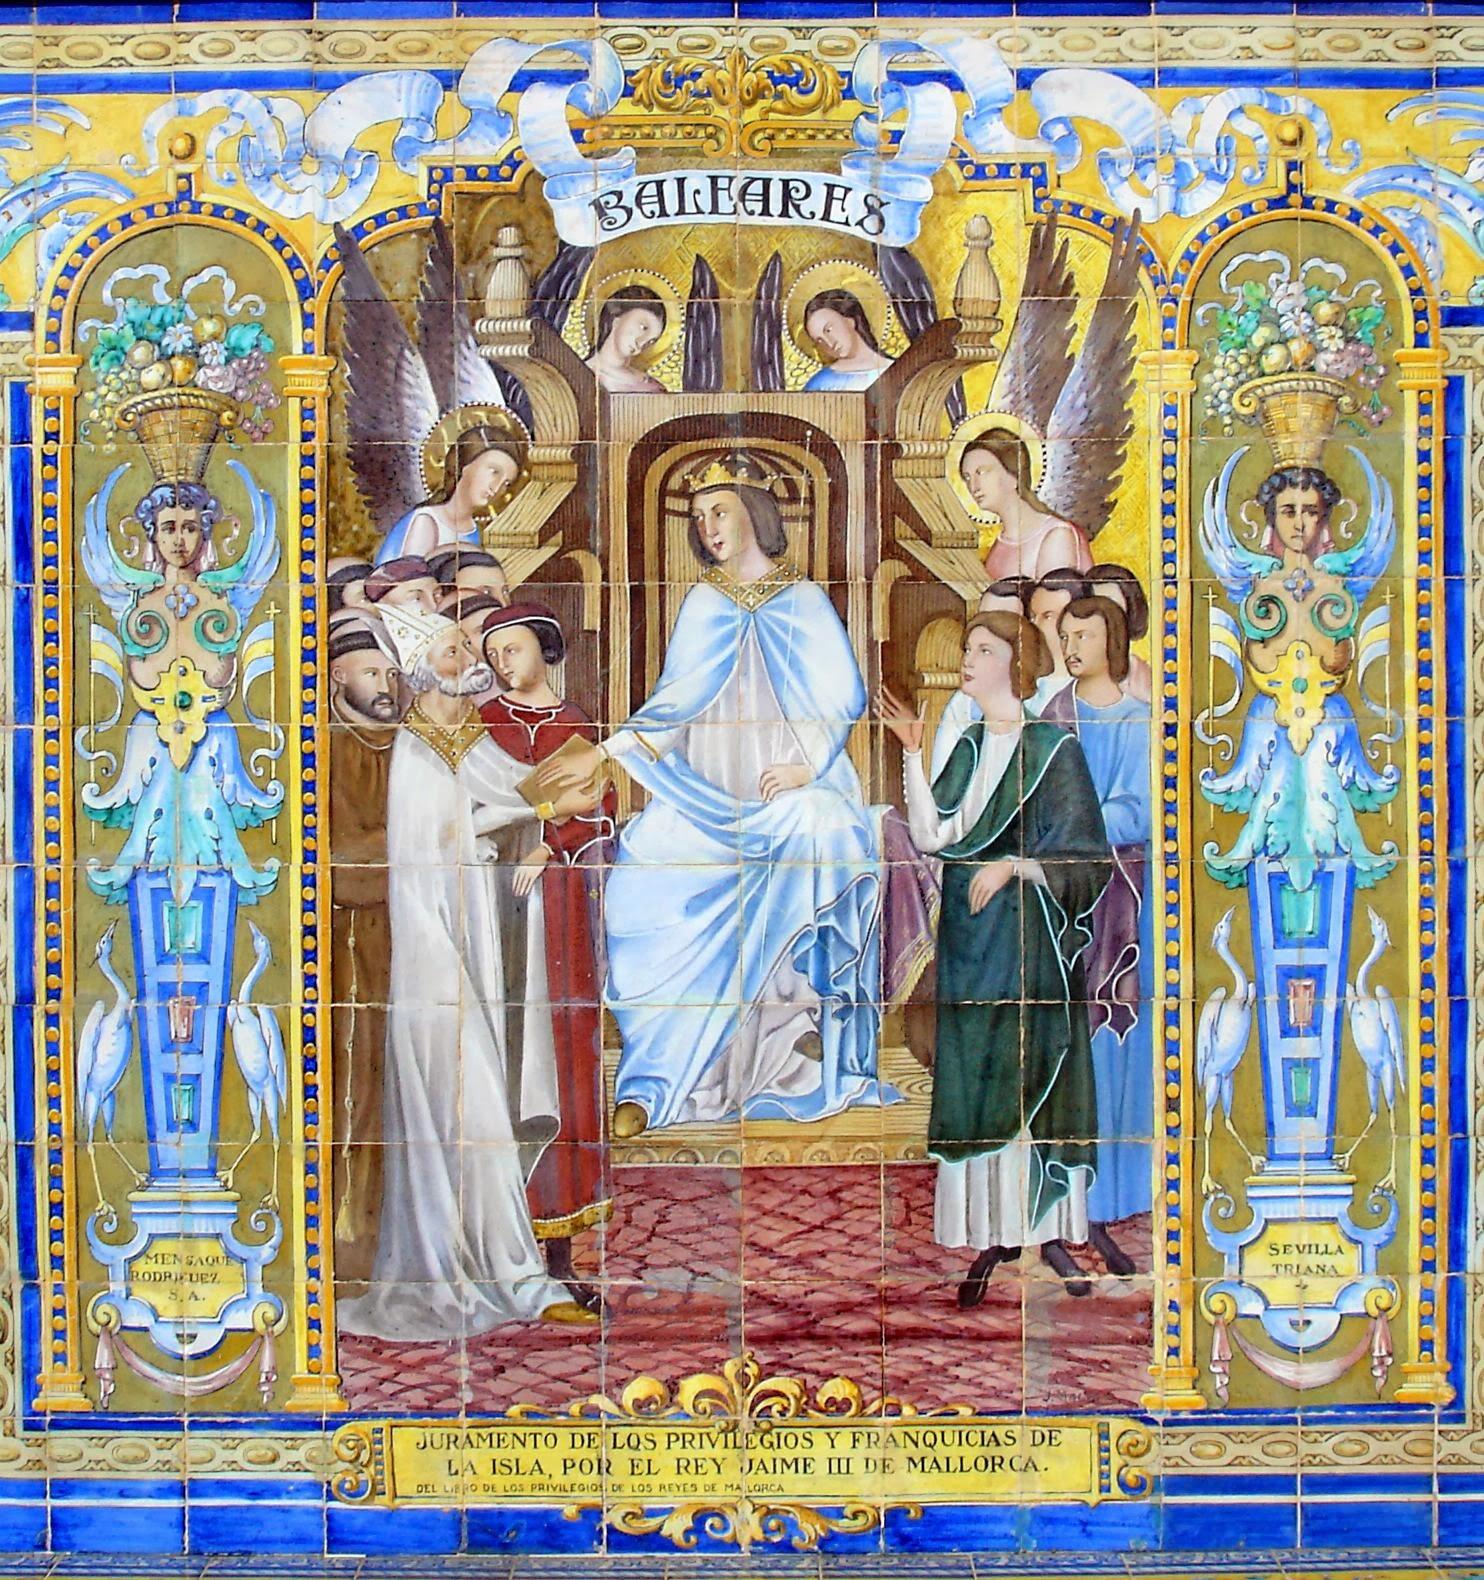 Otra historia de espa a juramento de los privilegios y for El rey de los azulejos